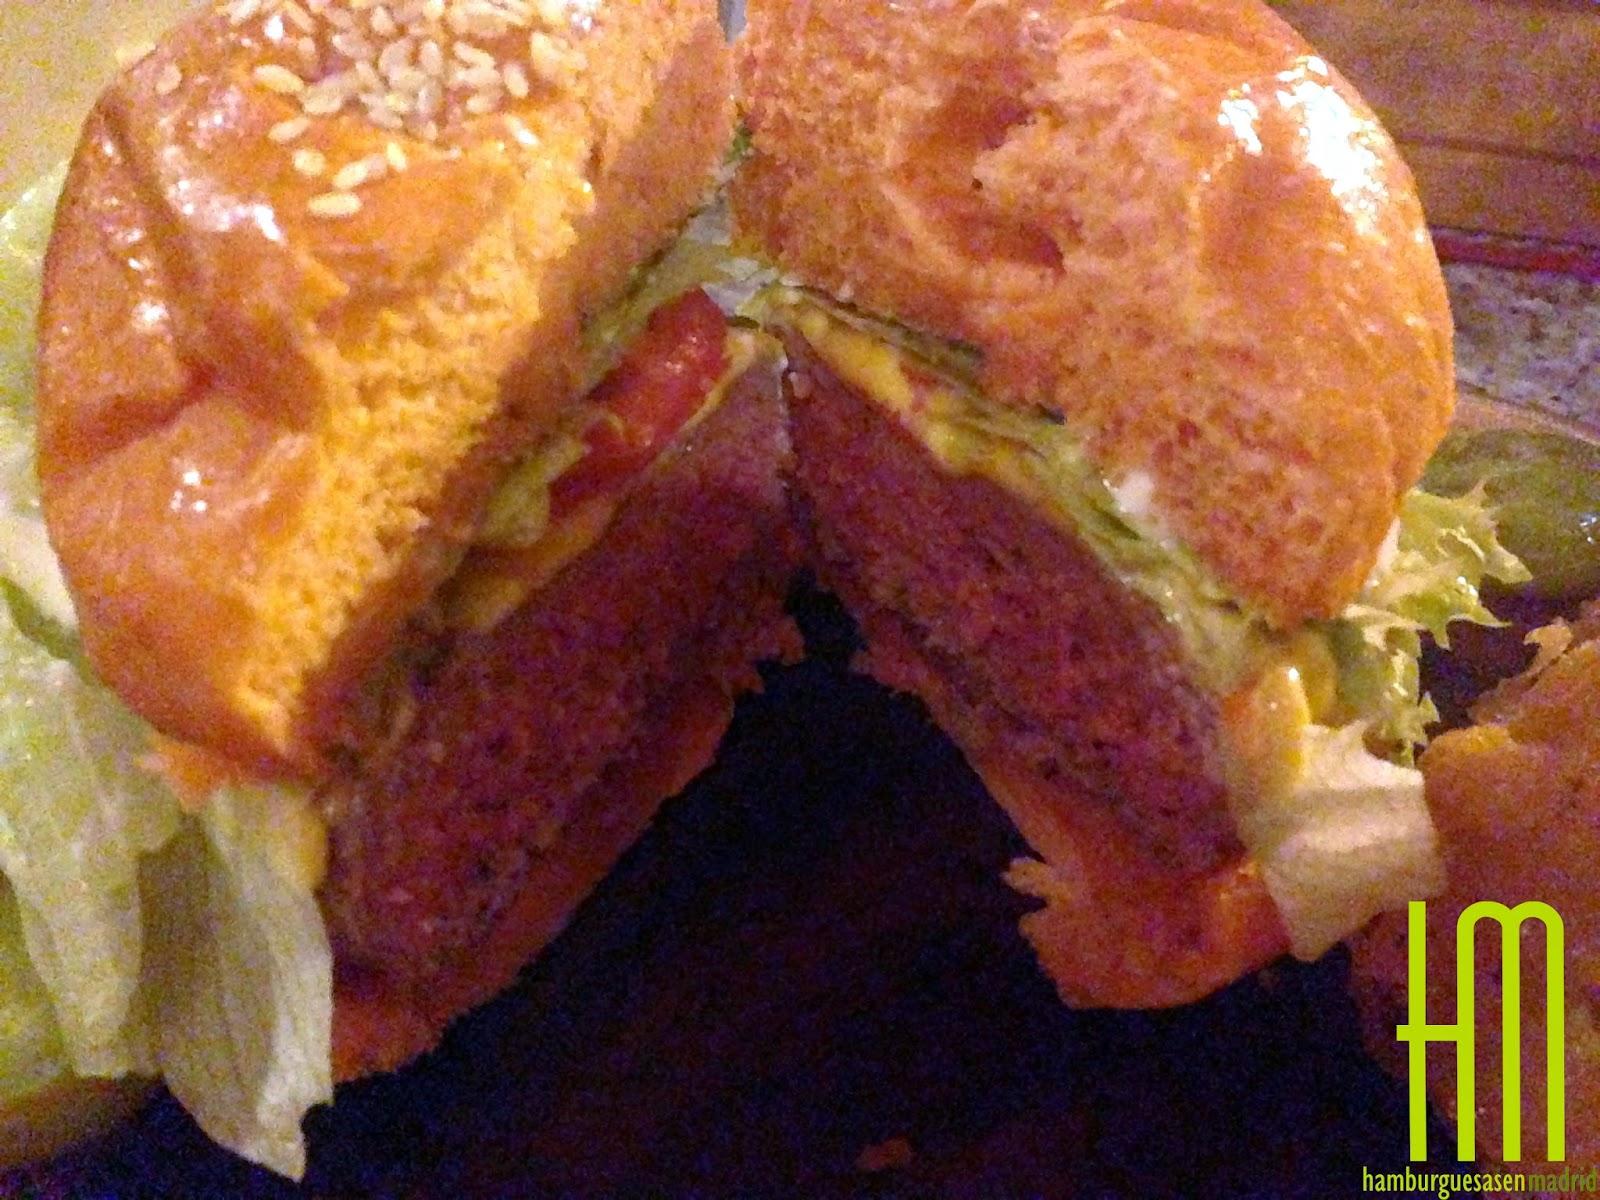 Detalle del corte de la burger Rock Me